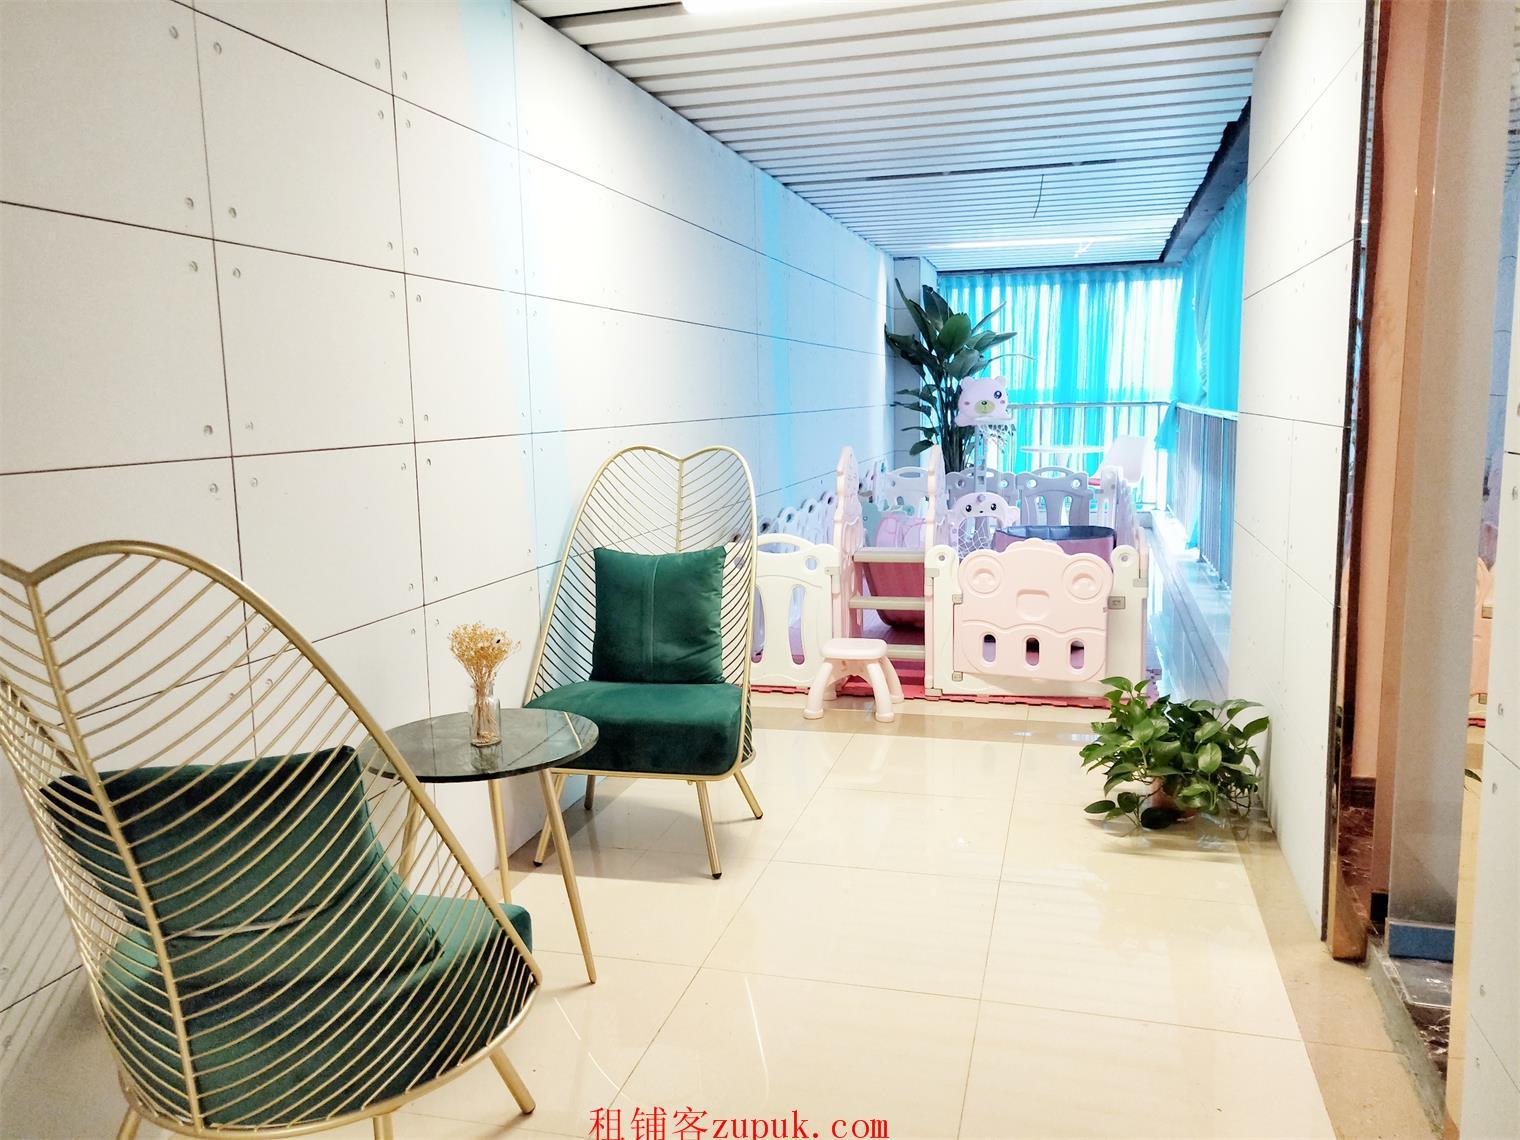 未来方舟F4组团唯美韩式美容美发工作室生意转让